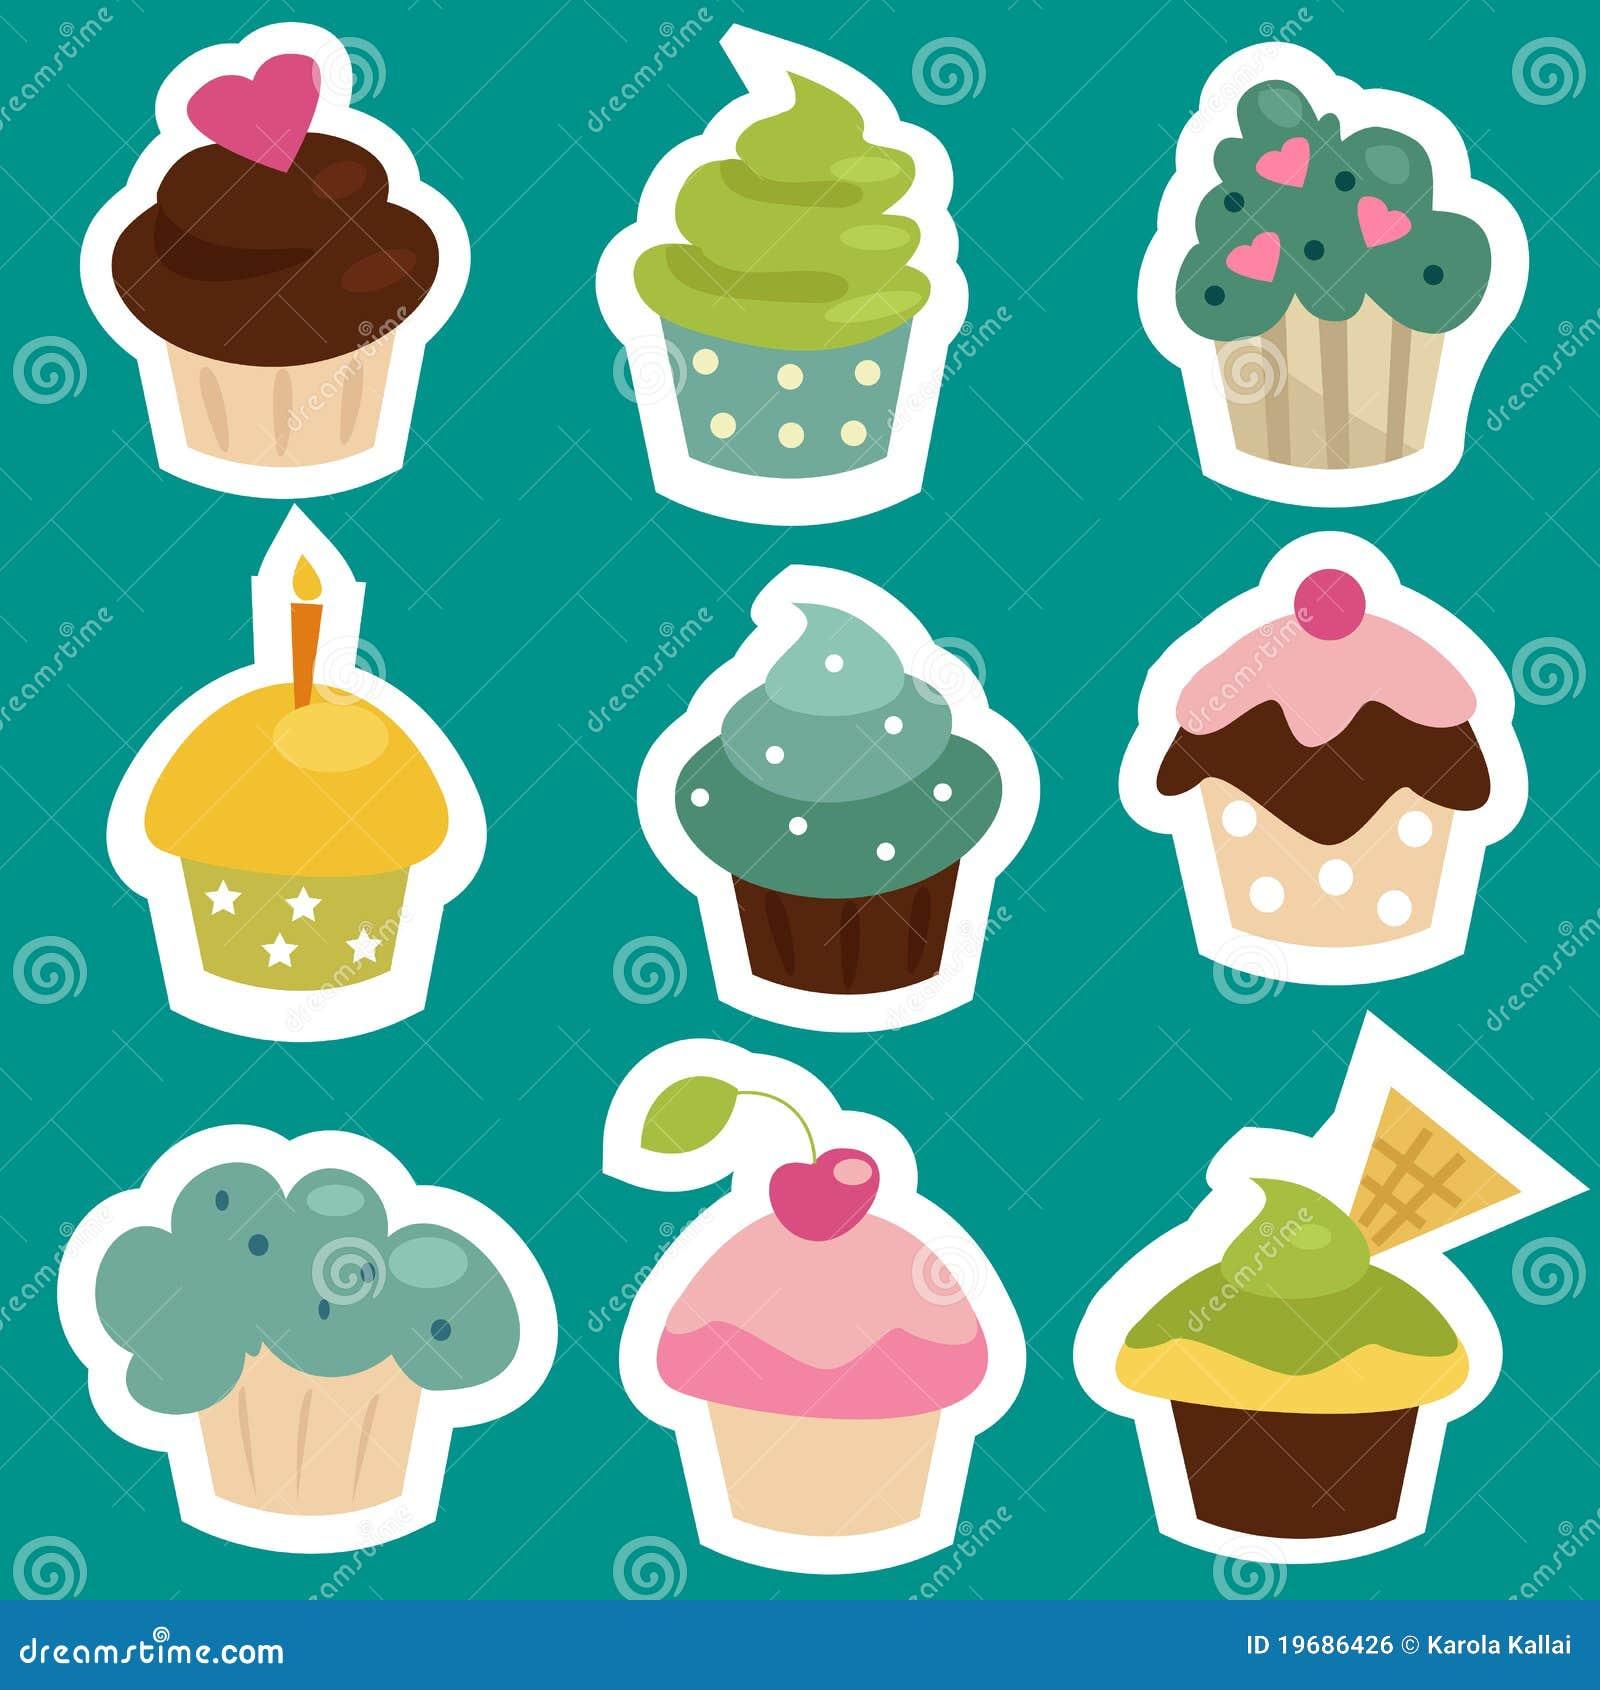 Cute Cupcake Stickers ...